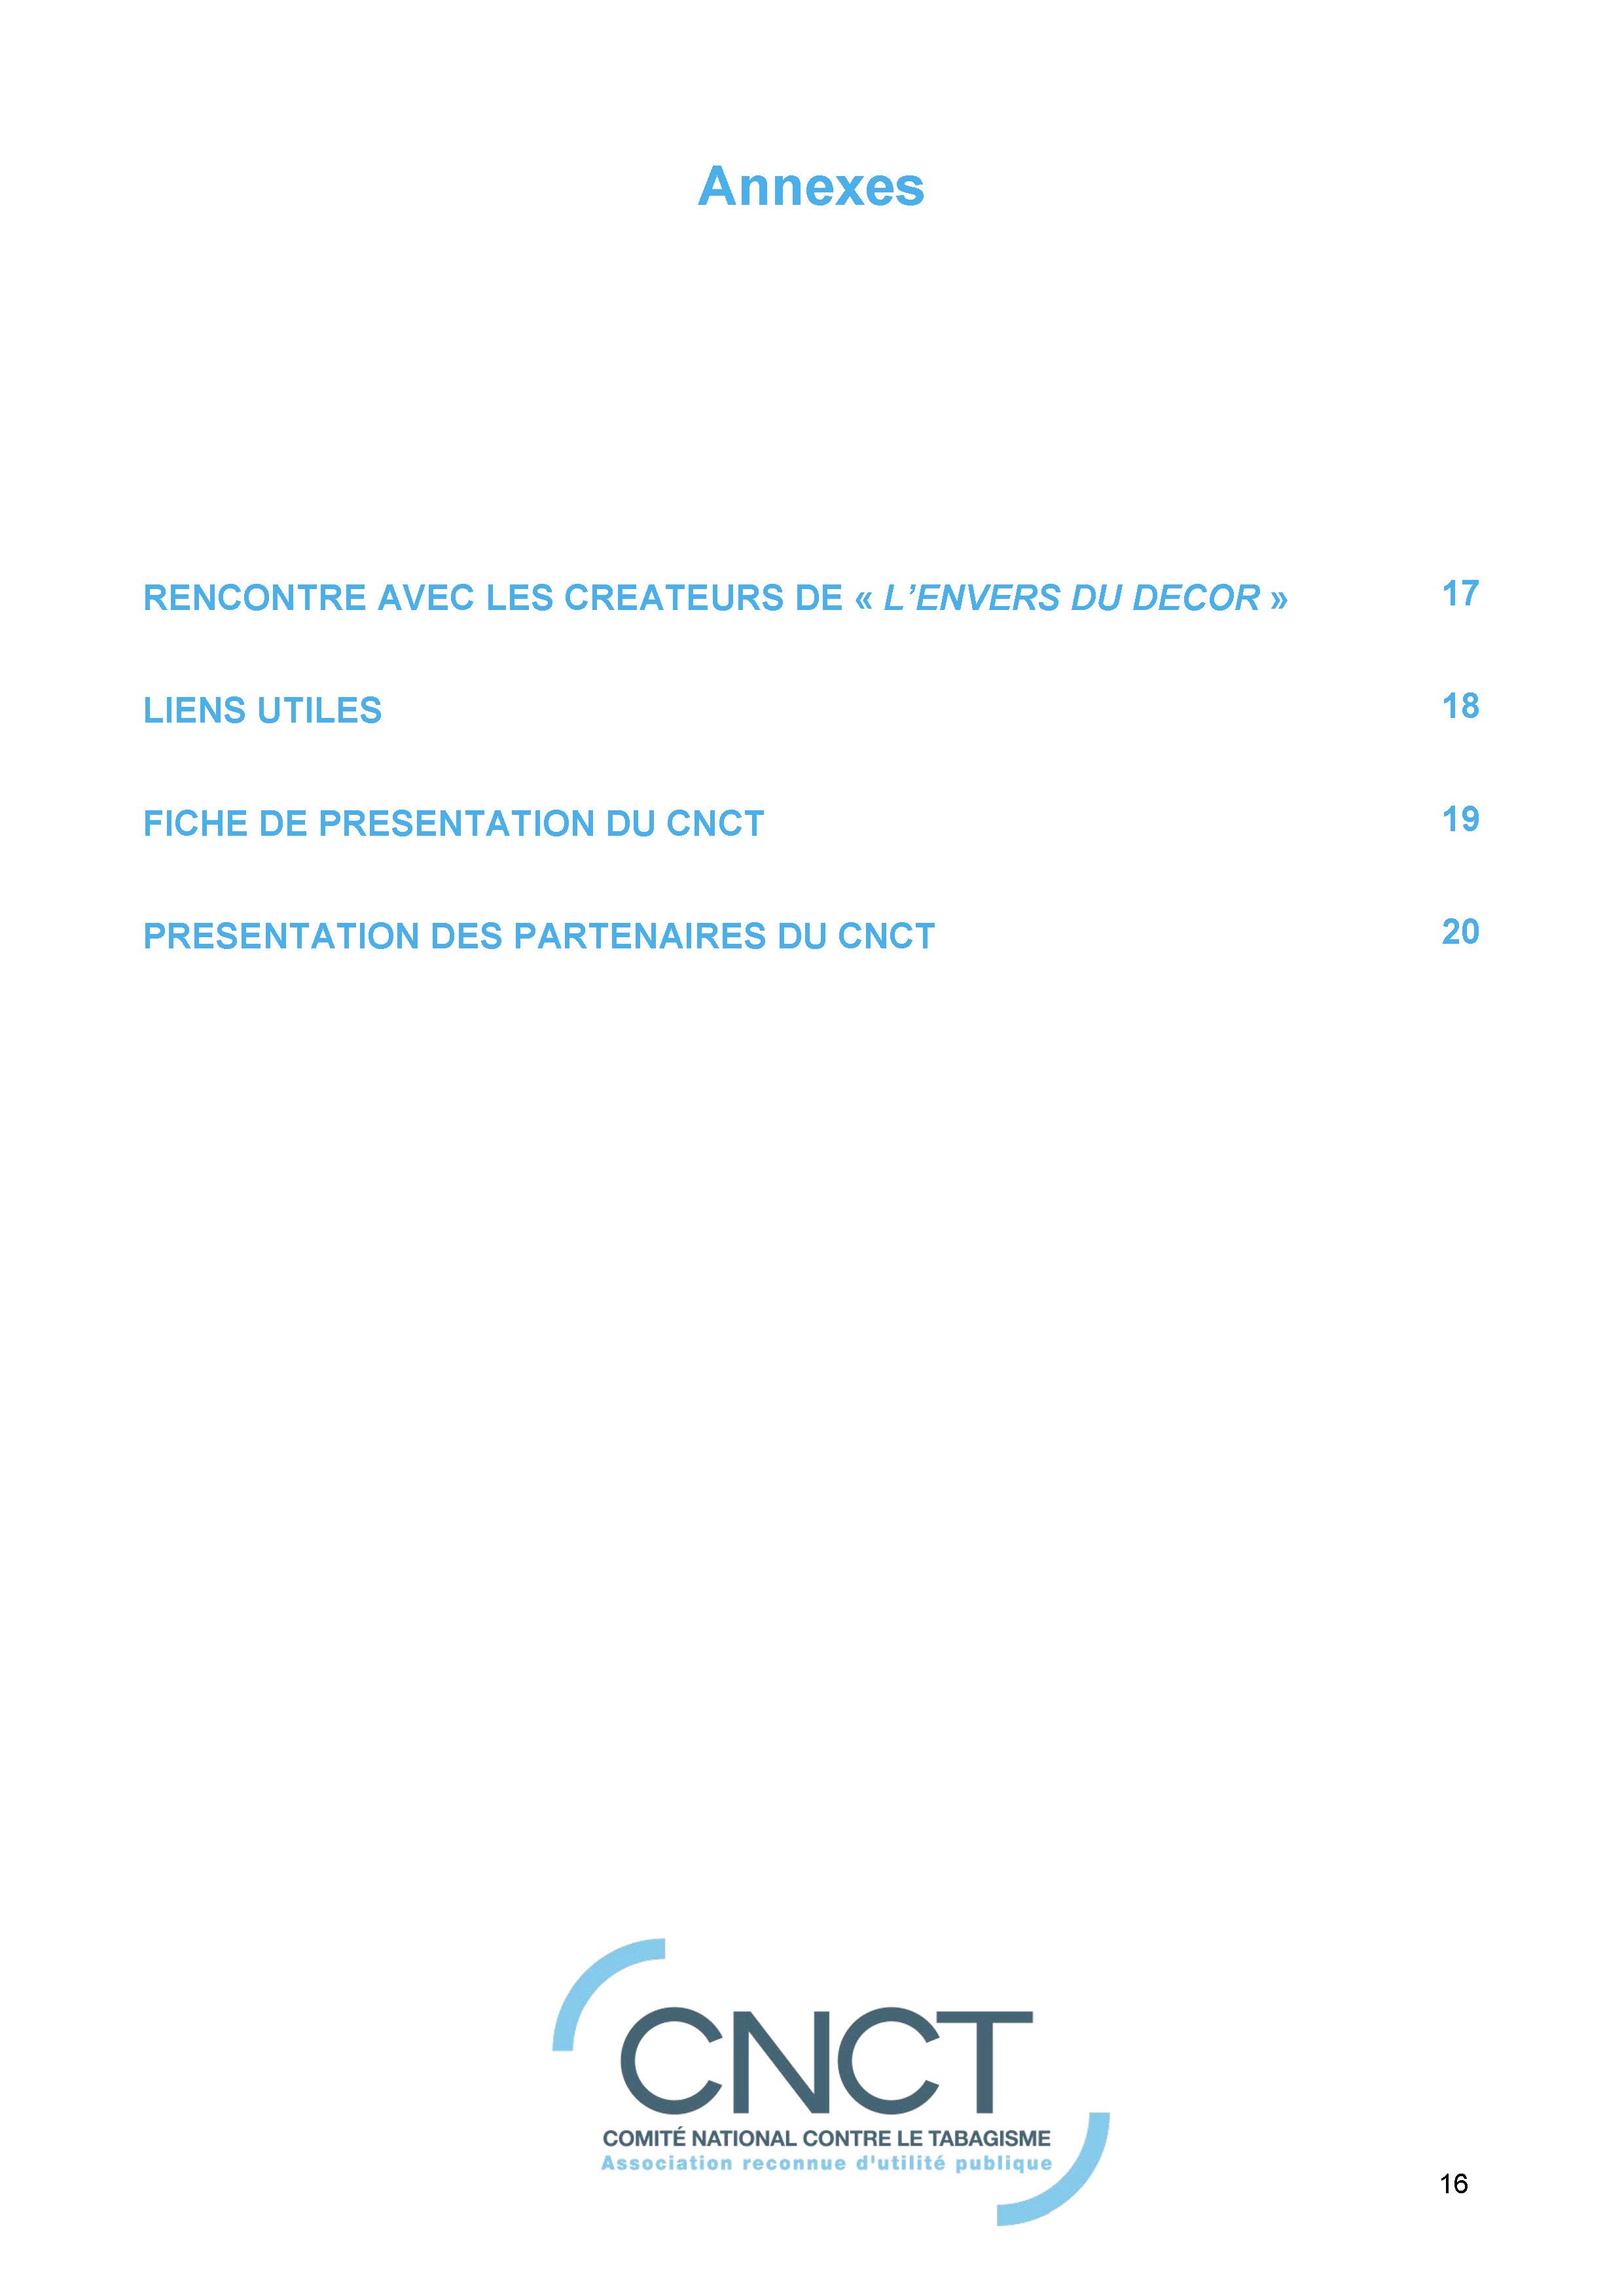 CNCT-DP-l-envers-du-decor-17mai2011_Page_16.jpg